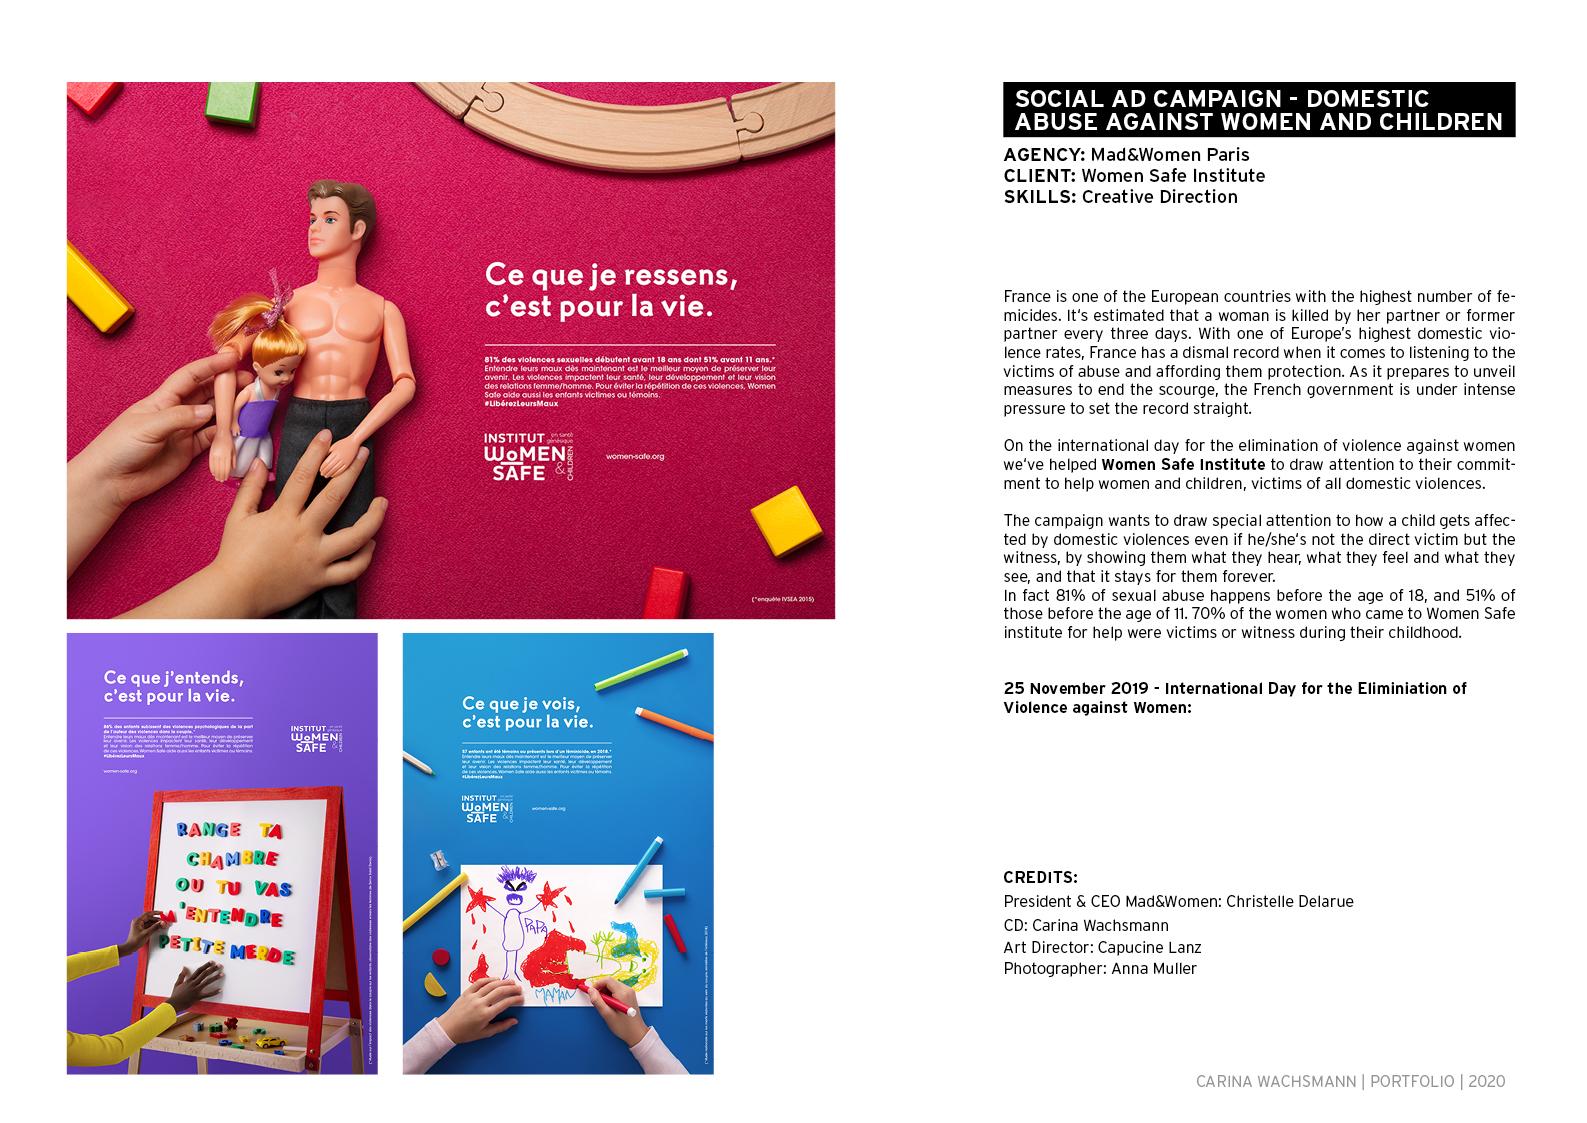 Portfolio2020-1Wachsmann11.jpg